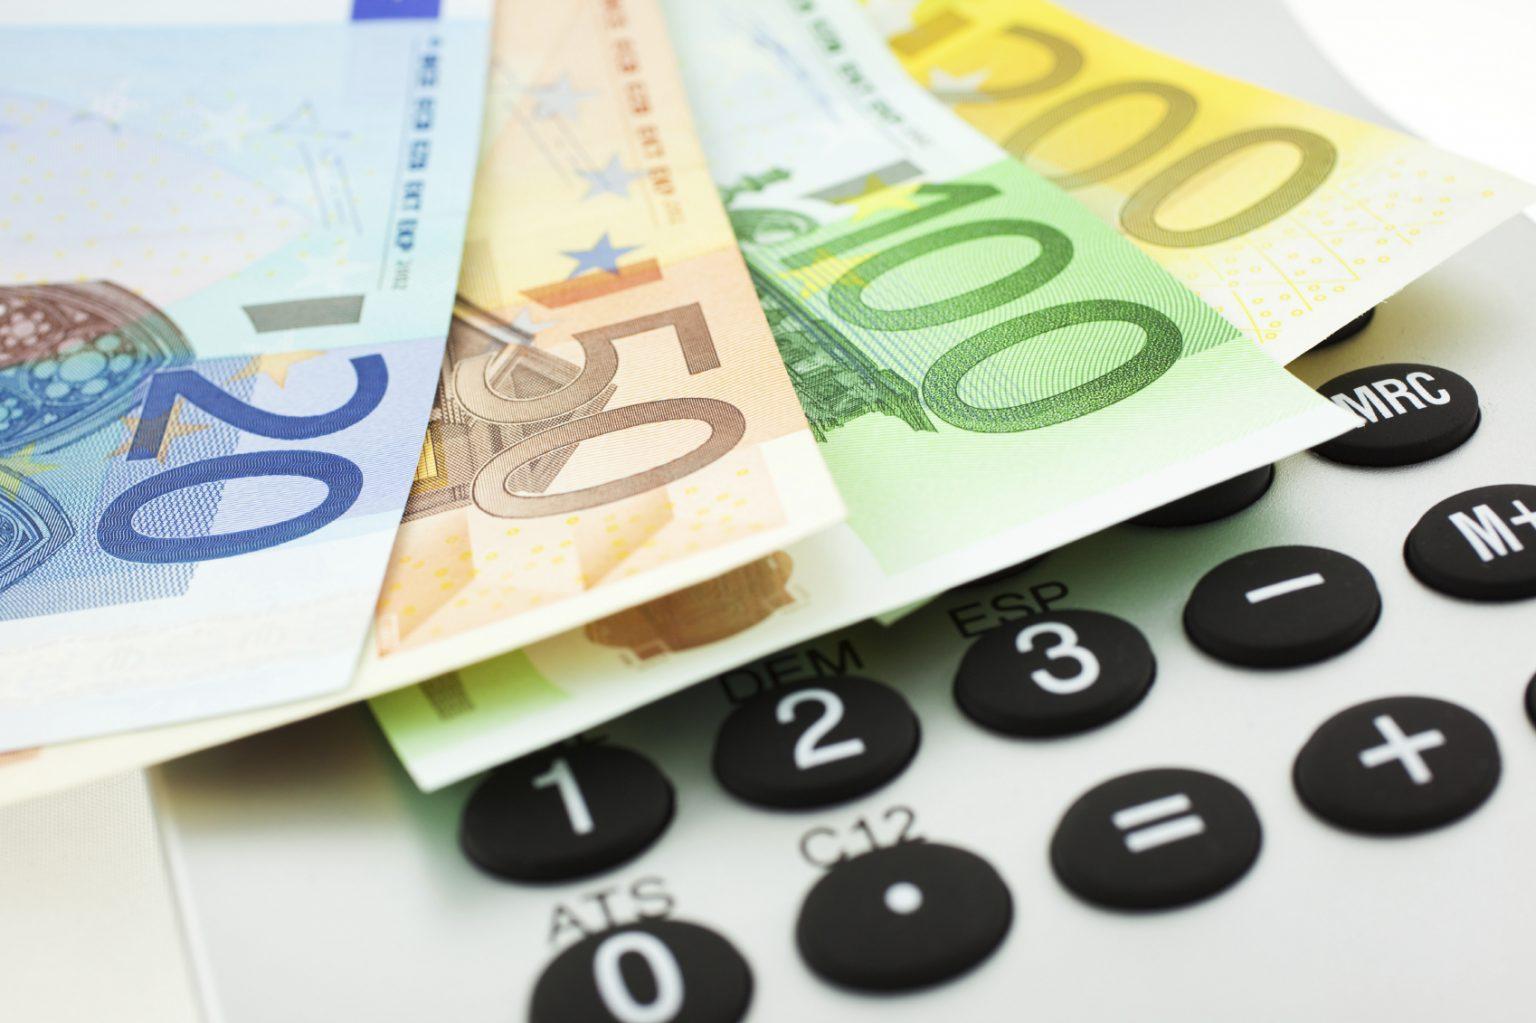 Les retards de paiement entre professionnels ne sont plus sanctionnés pénalement